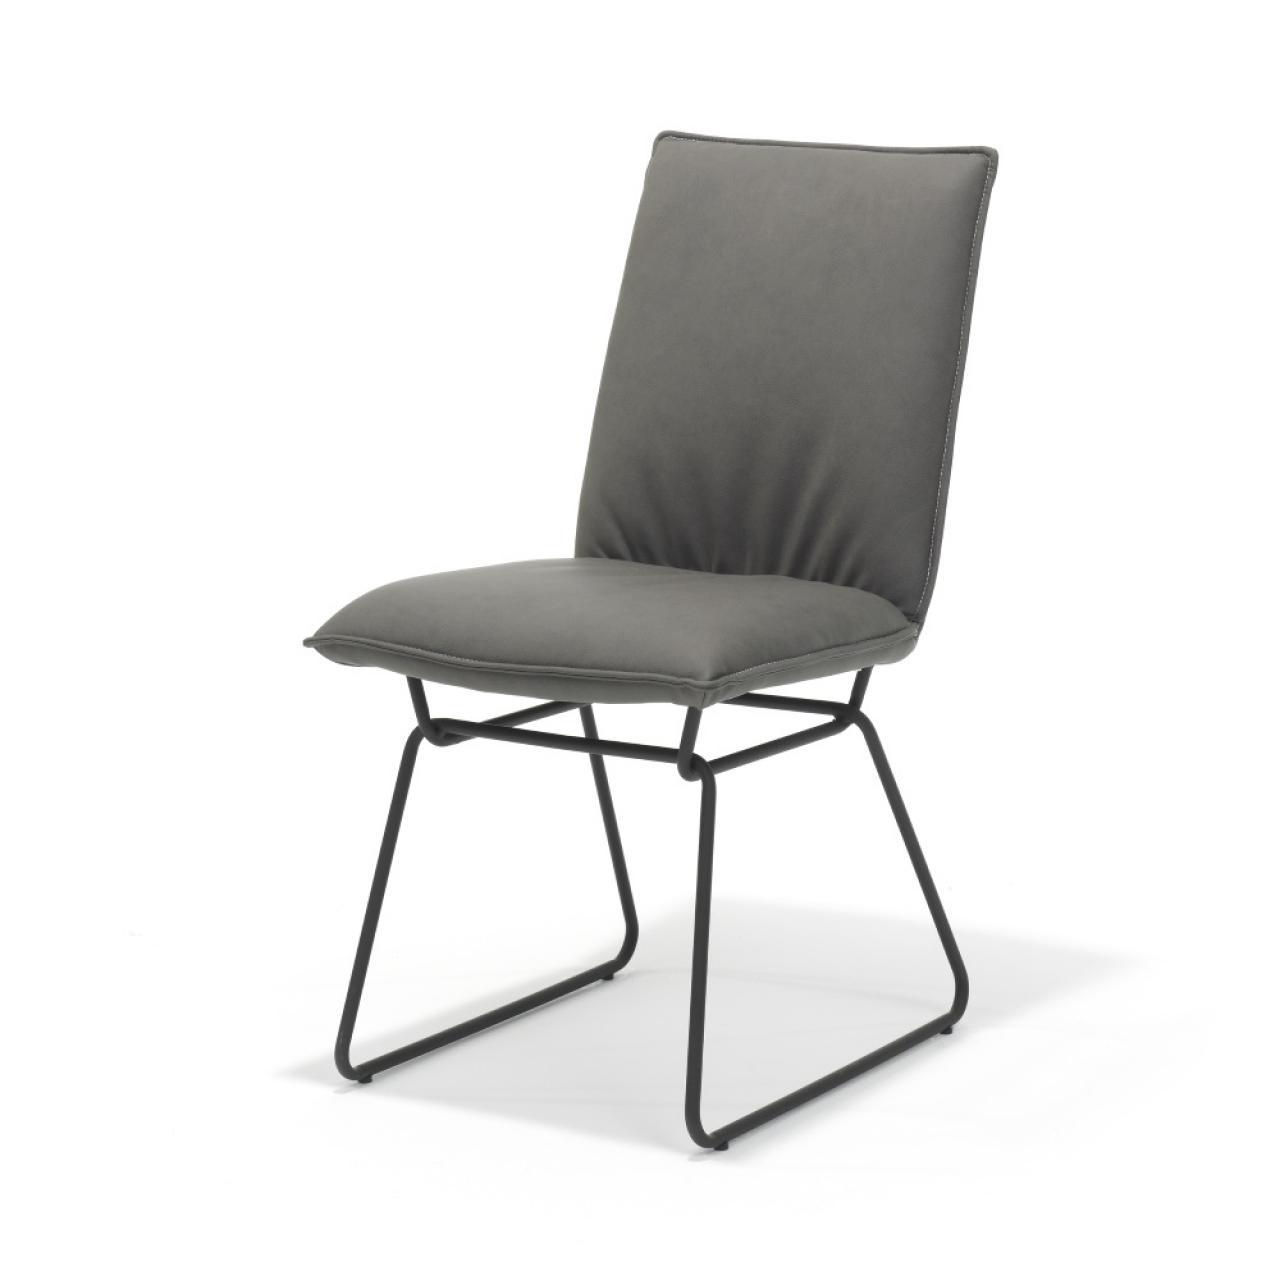 Esszimmerstuhl Flair taupefarben mit schwarzen Gestell Stuhl Küchenstuhl